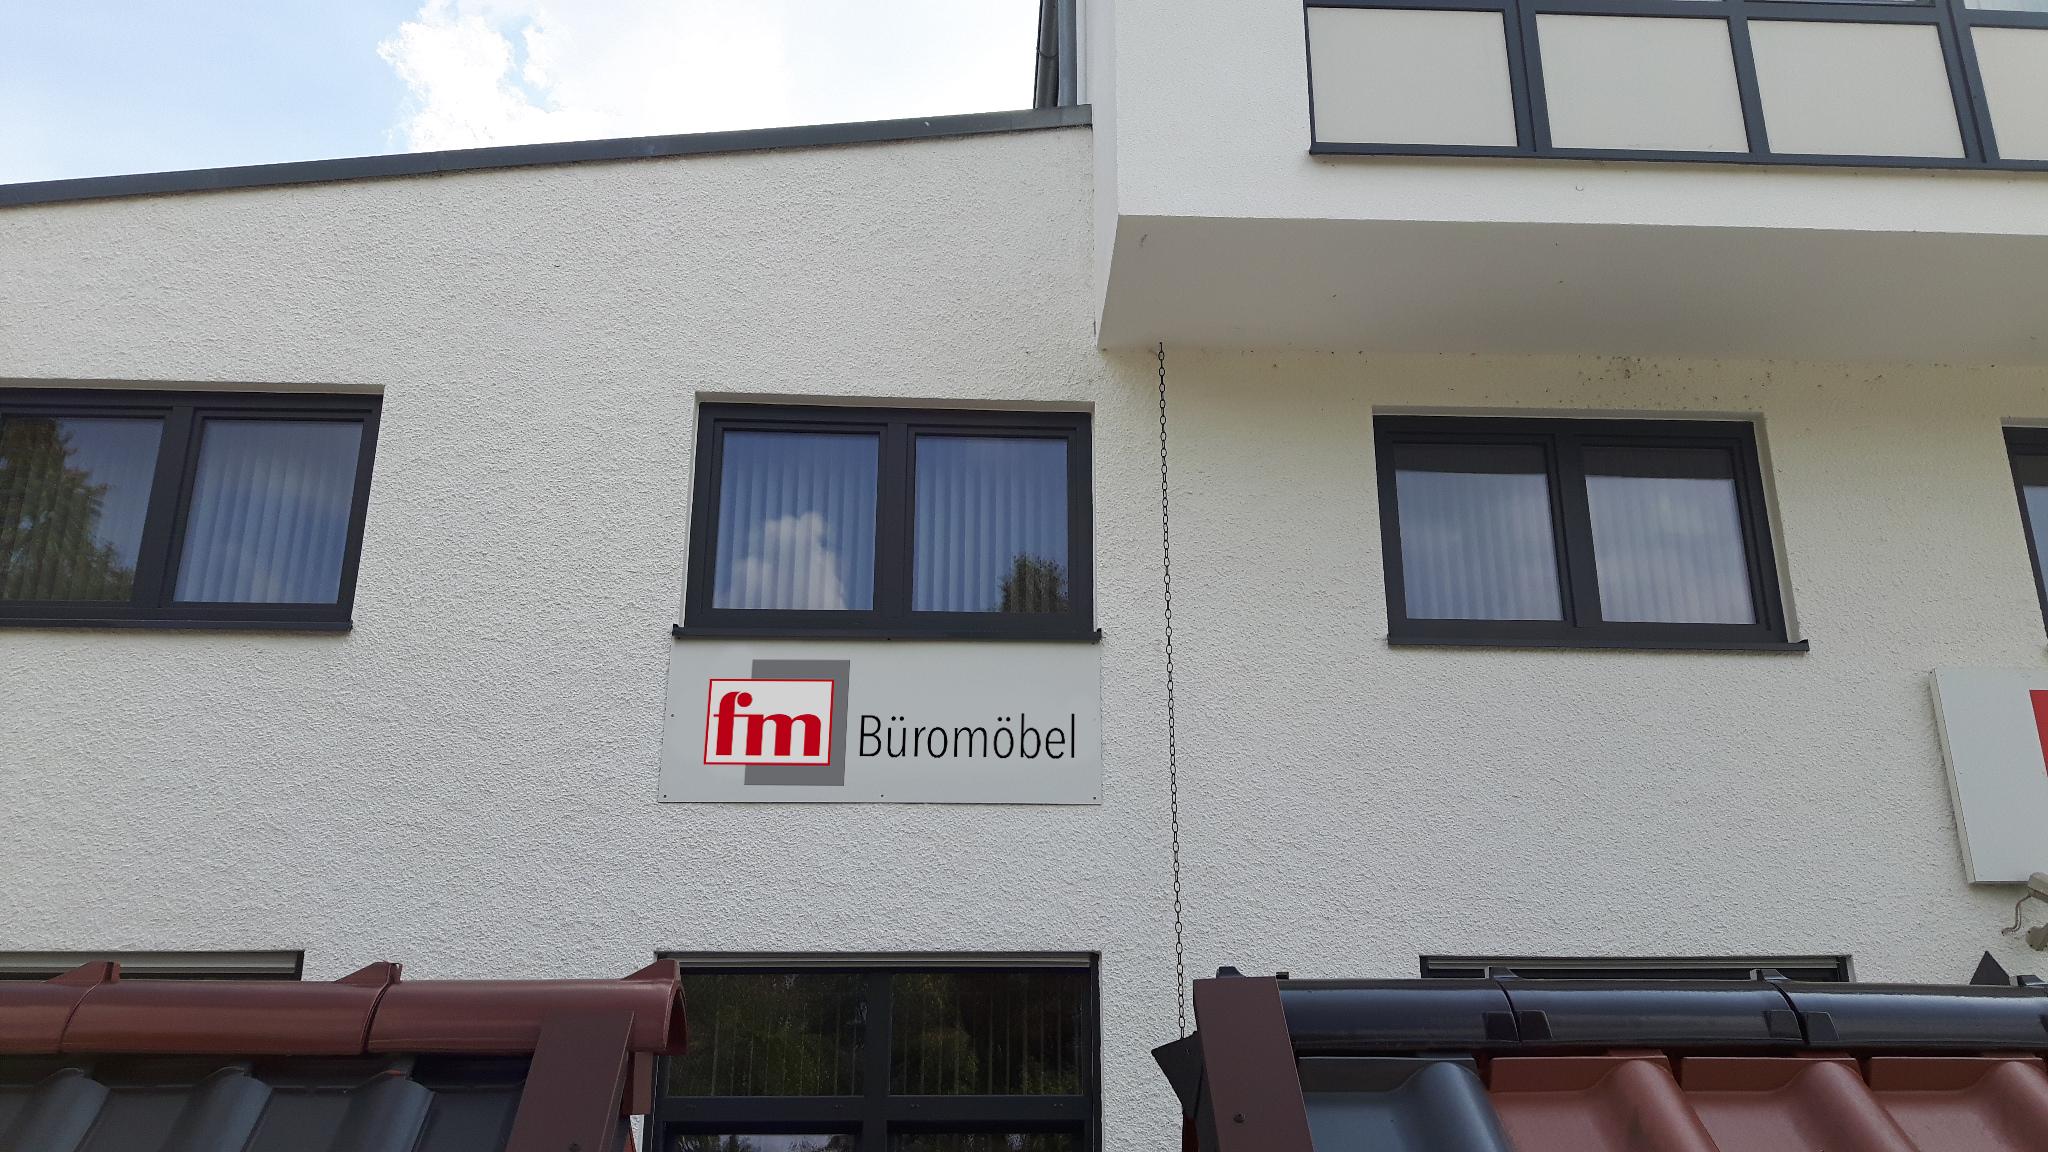 fm Büromöbel Ausstellung in Lauf an der Pegnitz